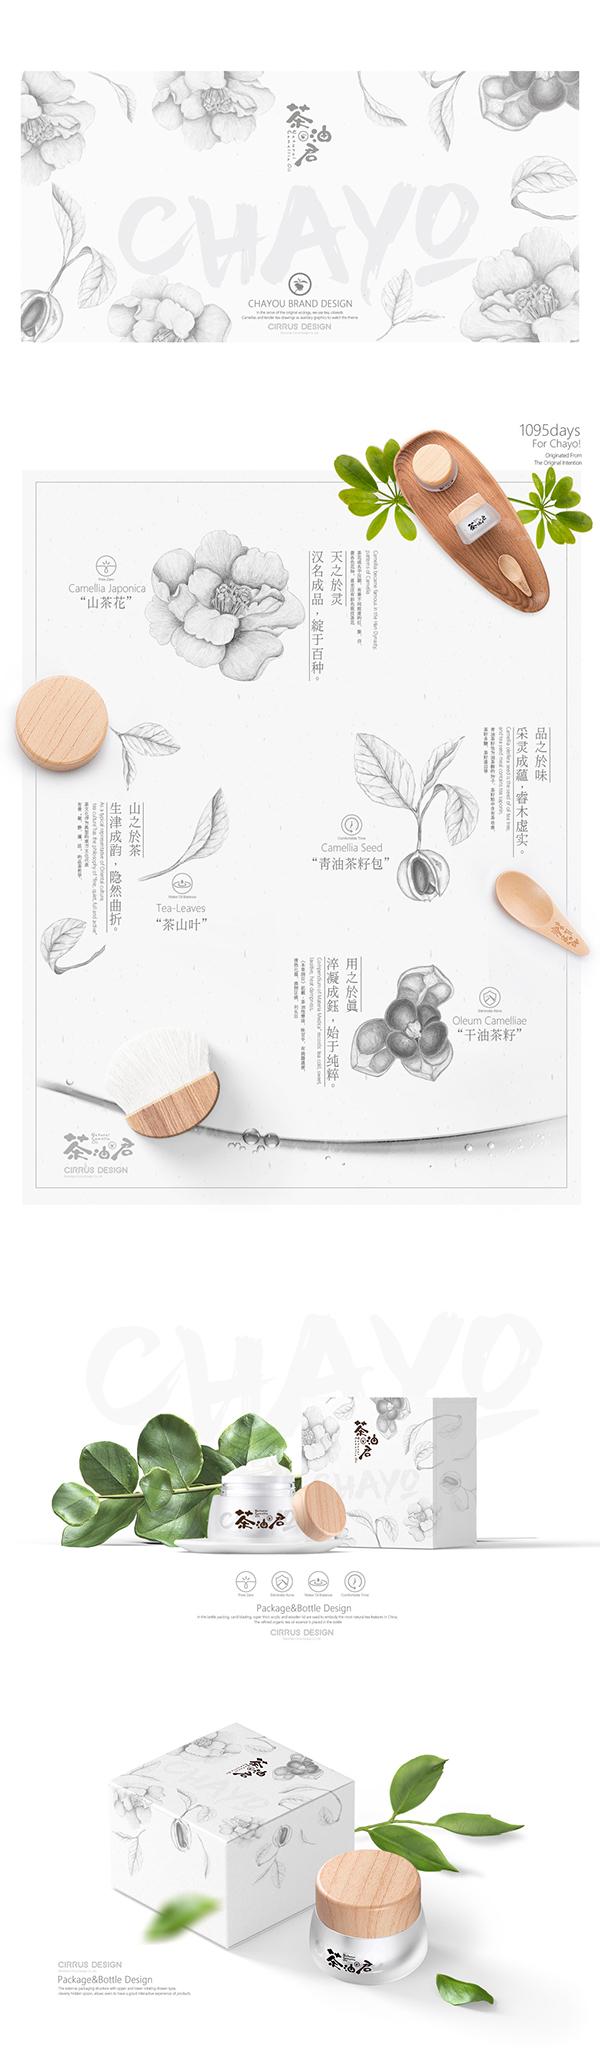 細緻的34套護膚品包裝設計欣賞